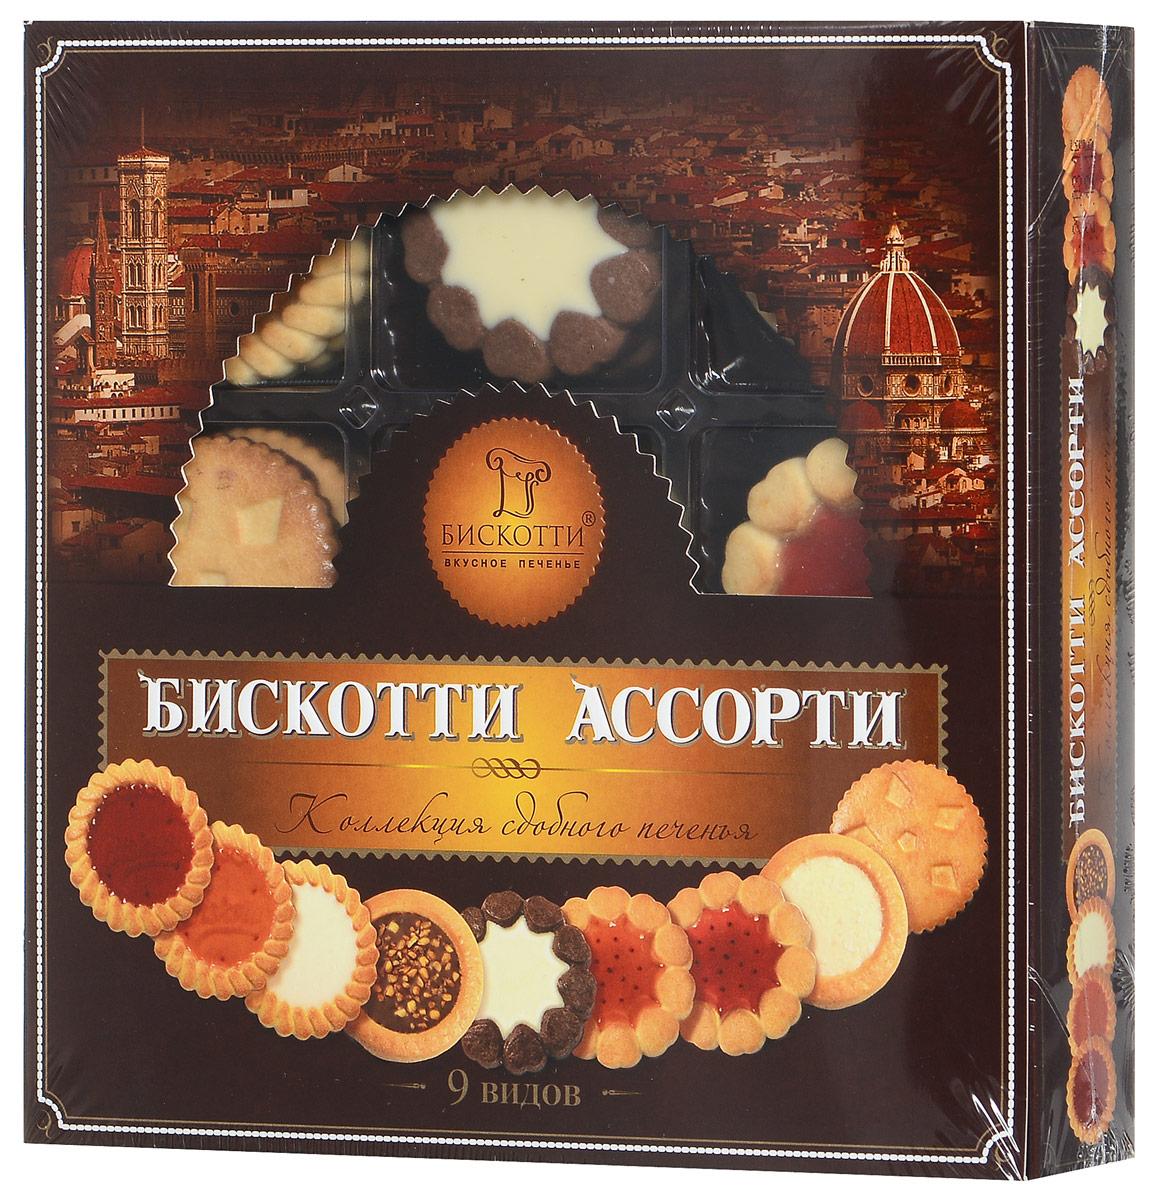 Бискотти Ассорти печенье сдобное, 345 г (9 видов) печенье фитнес купить